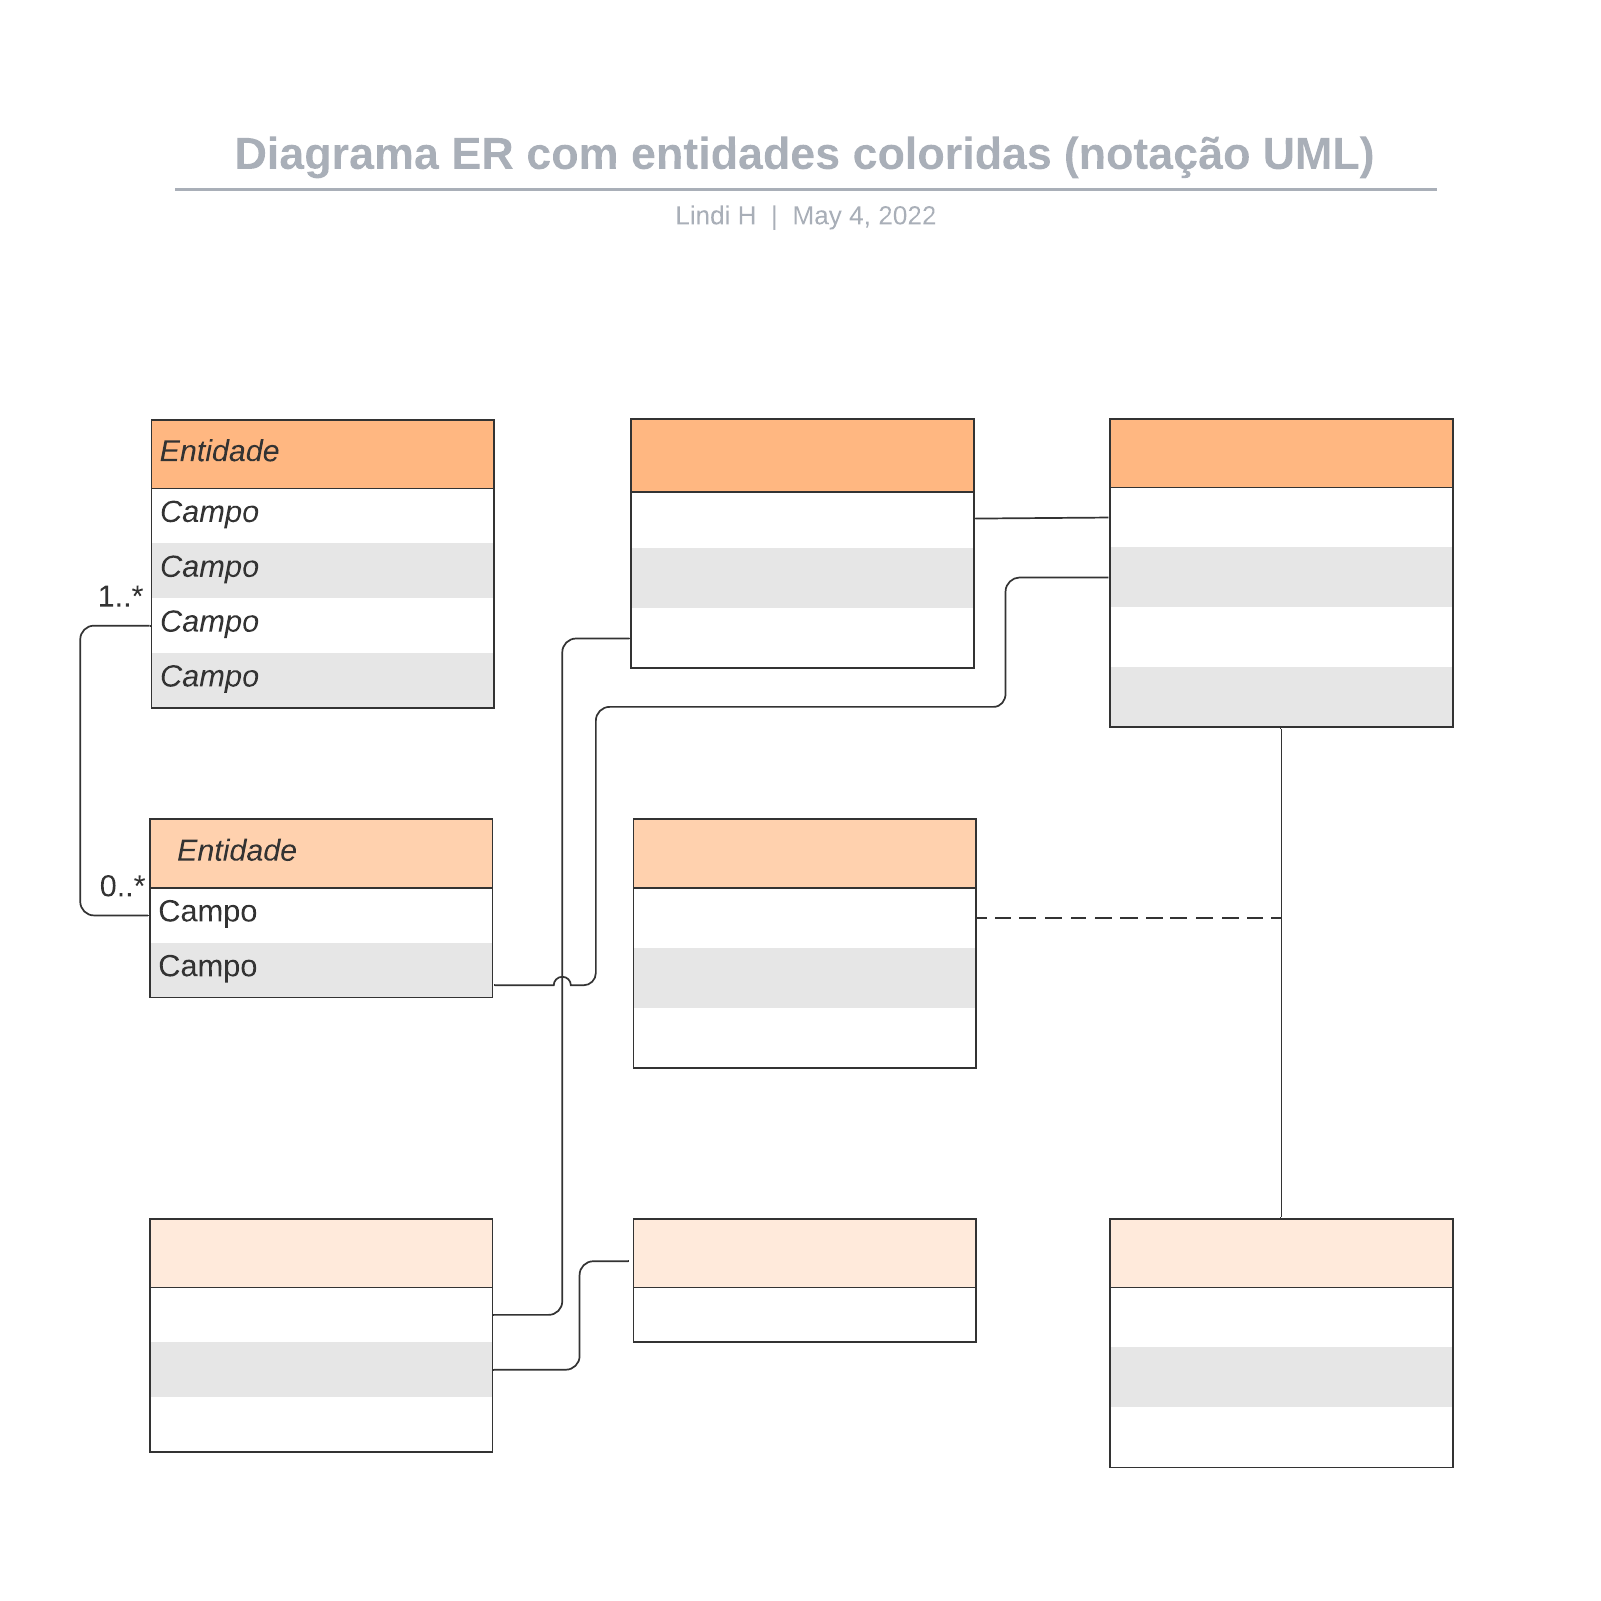 Diagrama ER com entidades coloridas (notação UML)